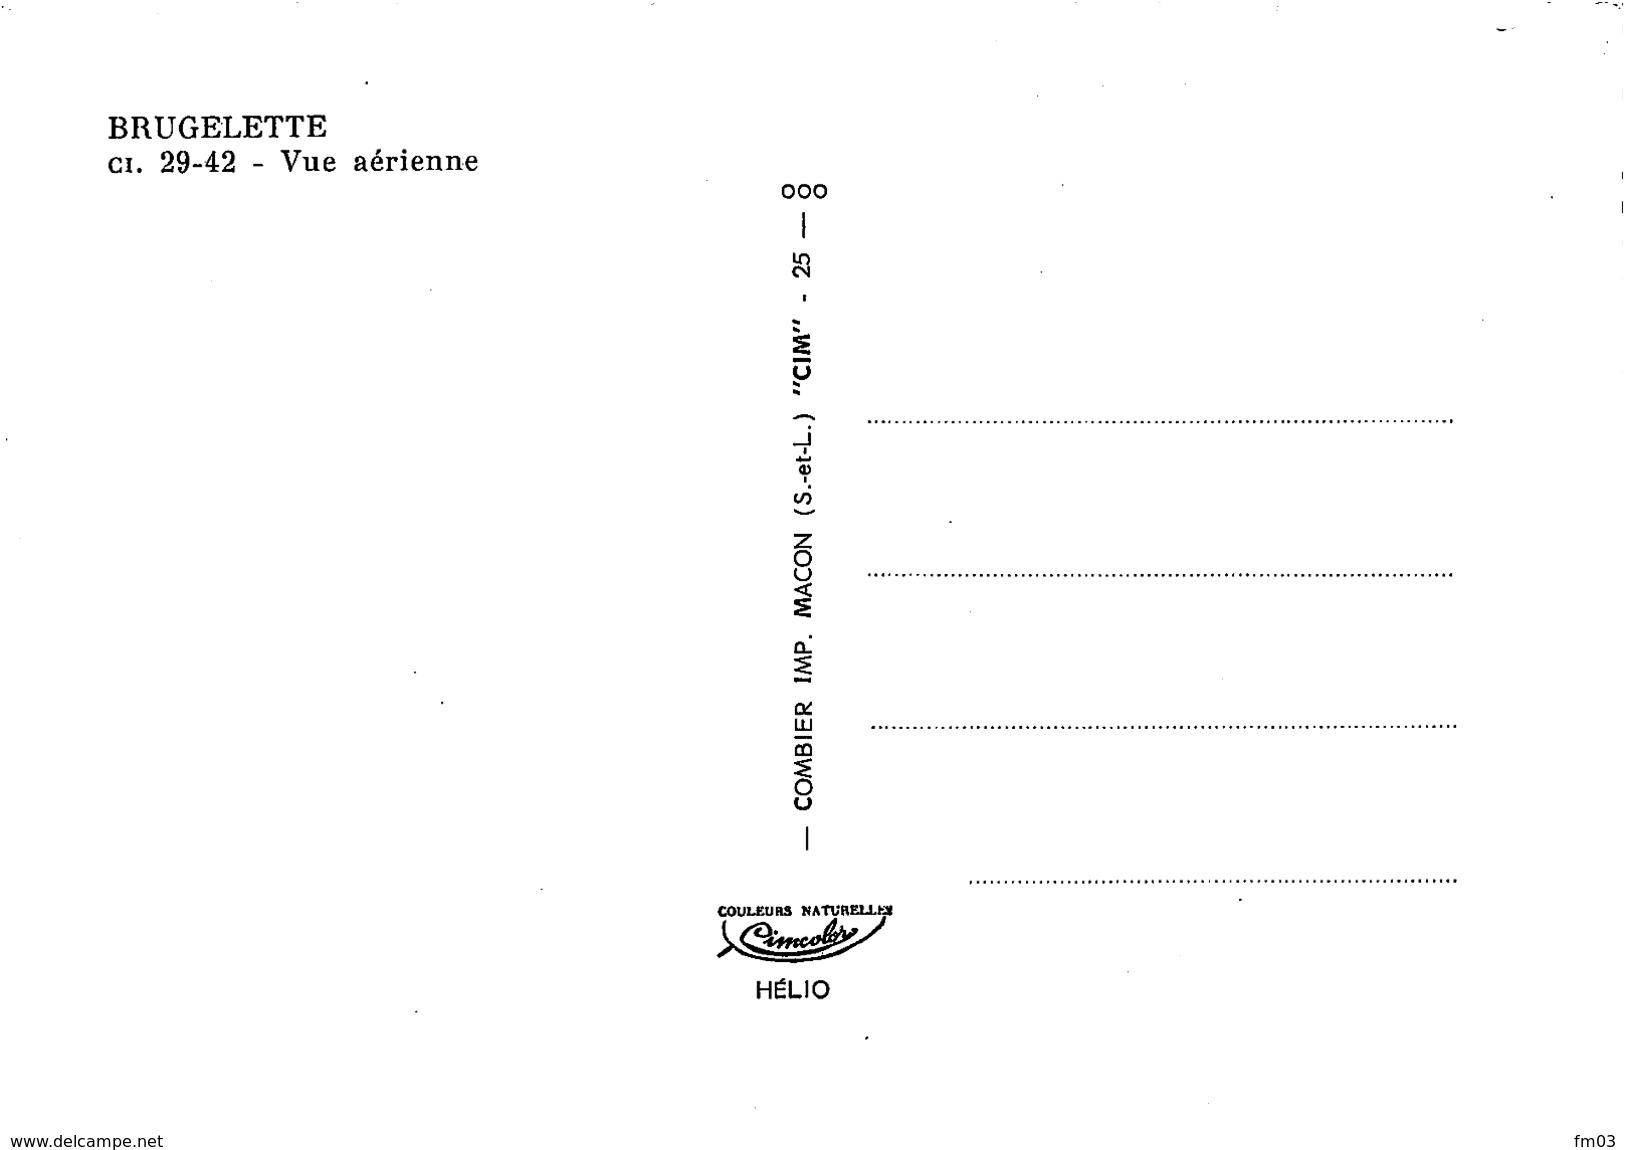 Brugelette - Brugelette